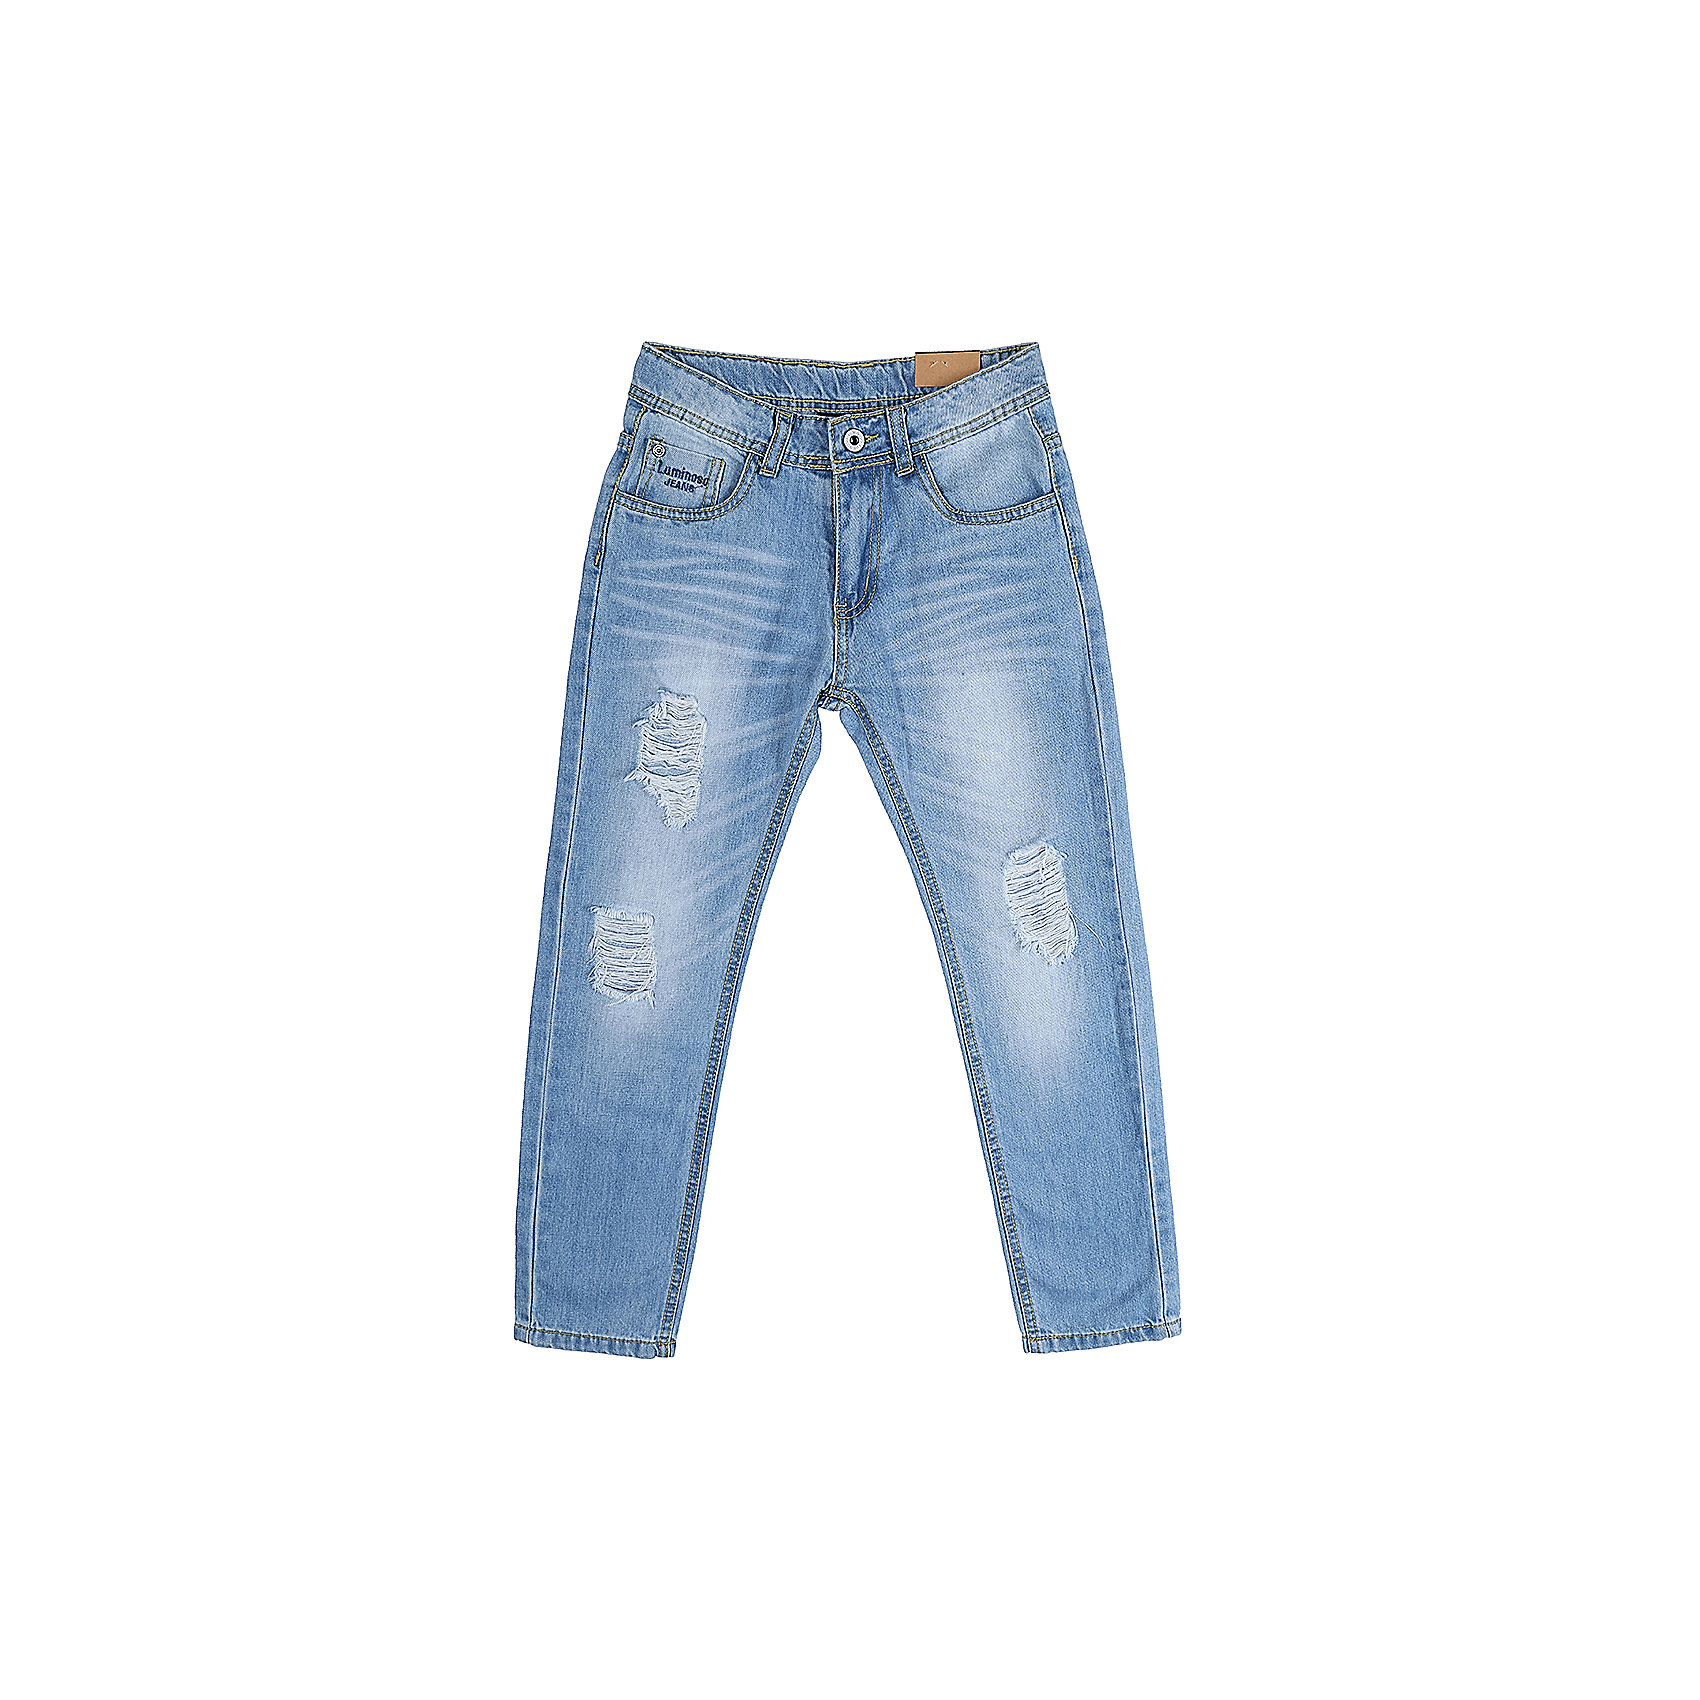 Джинсы для мальчика LuminosoДжинсы  для мальчика с оригинальной варкой. Декорированы  потертости и эффектом рваной джинсы. Зауженный крой, средняя посадка. Застегиваются на молнию и пуговицу. Шлевки на поясе рассчитаны под ремень. В боковой части пояса находятся вшитые эластичные ленты, регулирующие посадку по талии.<br>Состав:<br>100%хлопок<br><br>Ширина мм: 215<br>Глубина мм: 88<br>Высота мм: 191<br>Вес г: 336<br>Цвет: синий<br>Возраст от месяцев: 132<br>Возраст до месяцев: 144<br>Пол: Мужской<br>Возраст: Детский<br>Размер: 152,134,140,146,158,164<br>SKU: 5409678